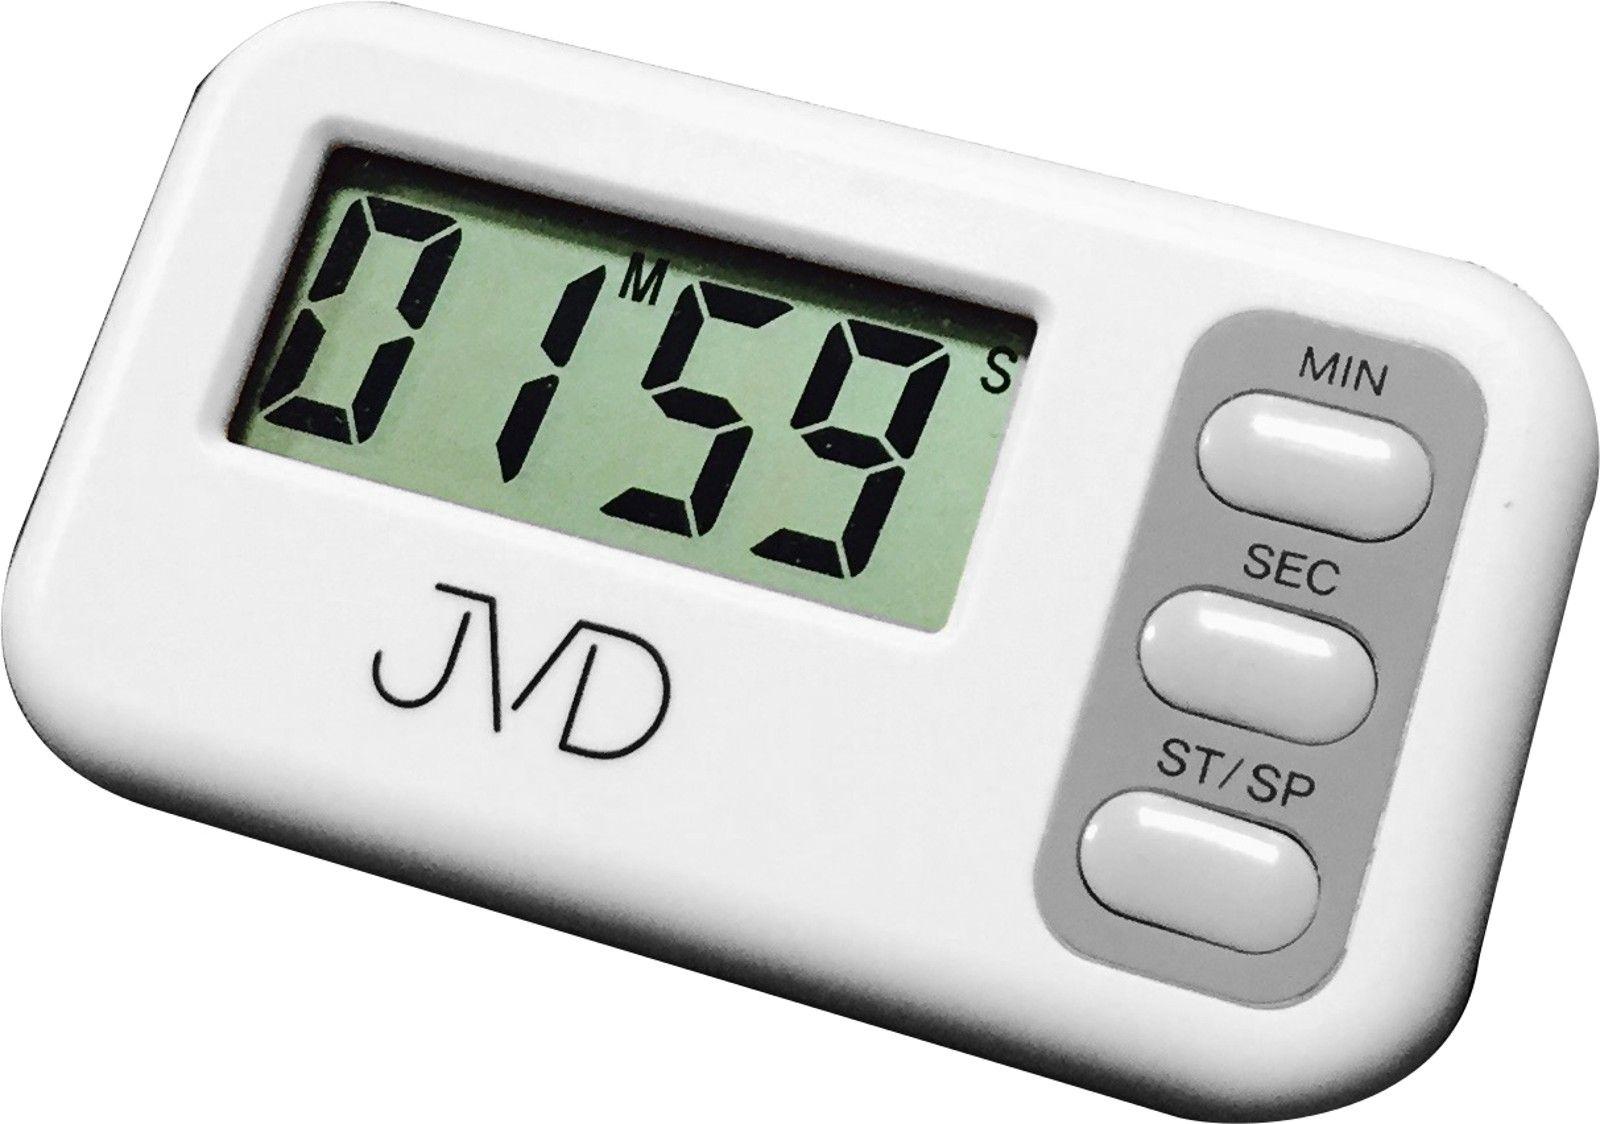 Bílá jednoduchá digitální minutka JVD DM62